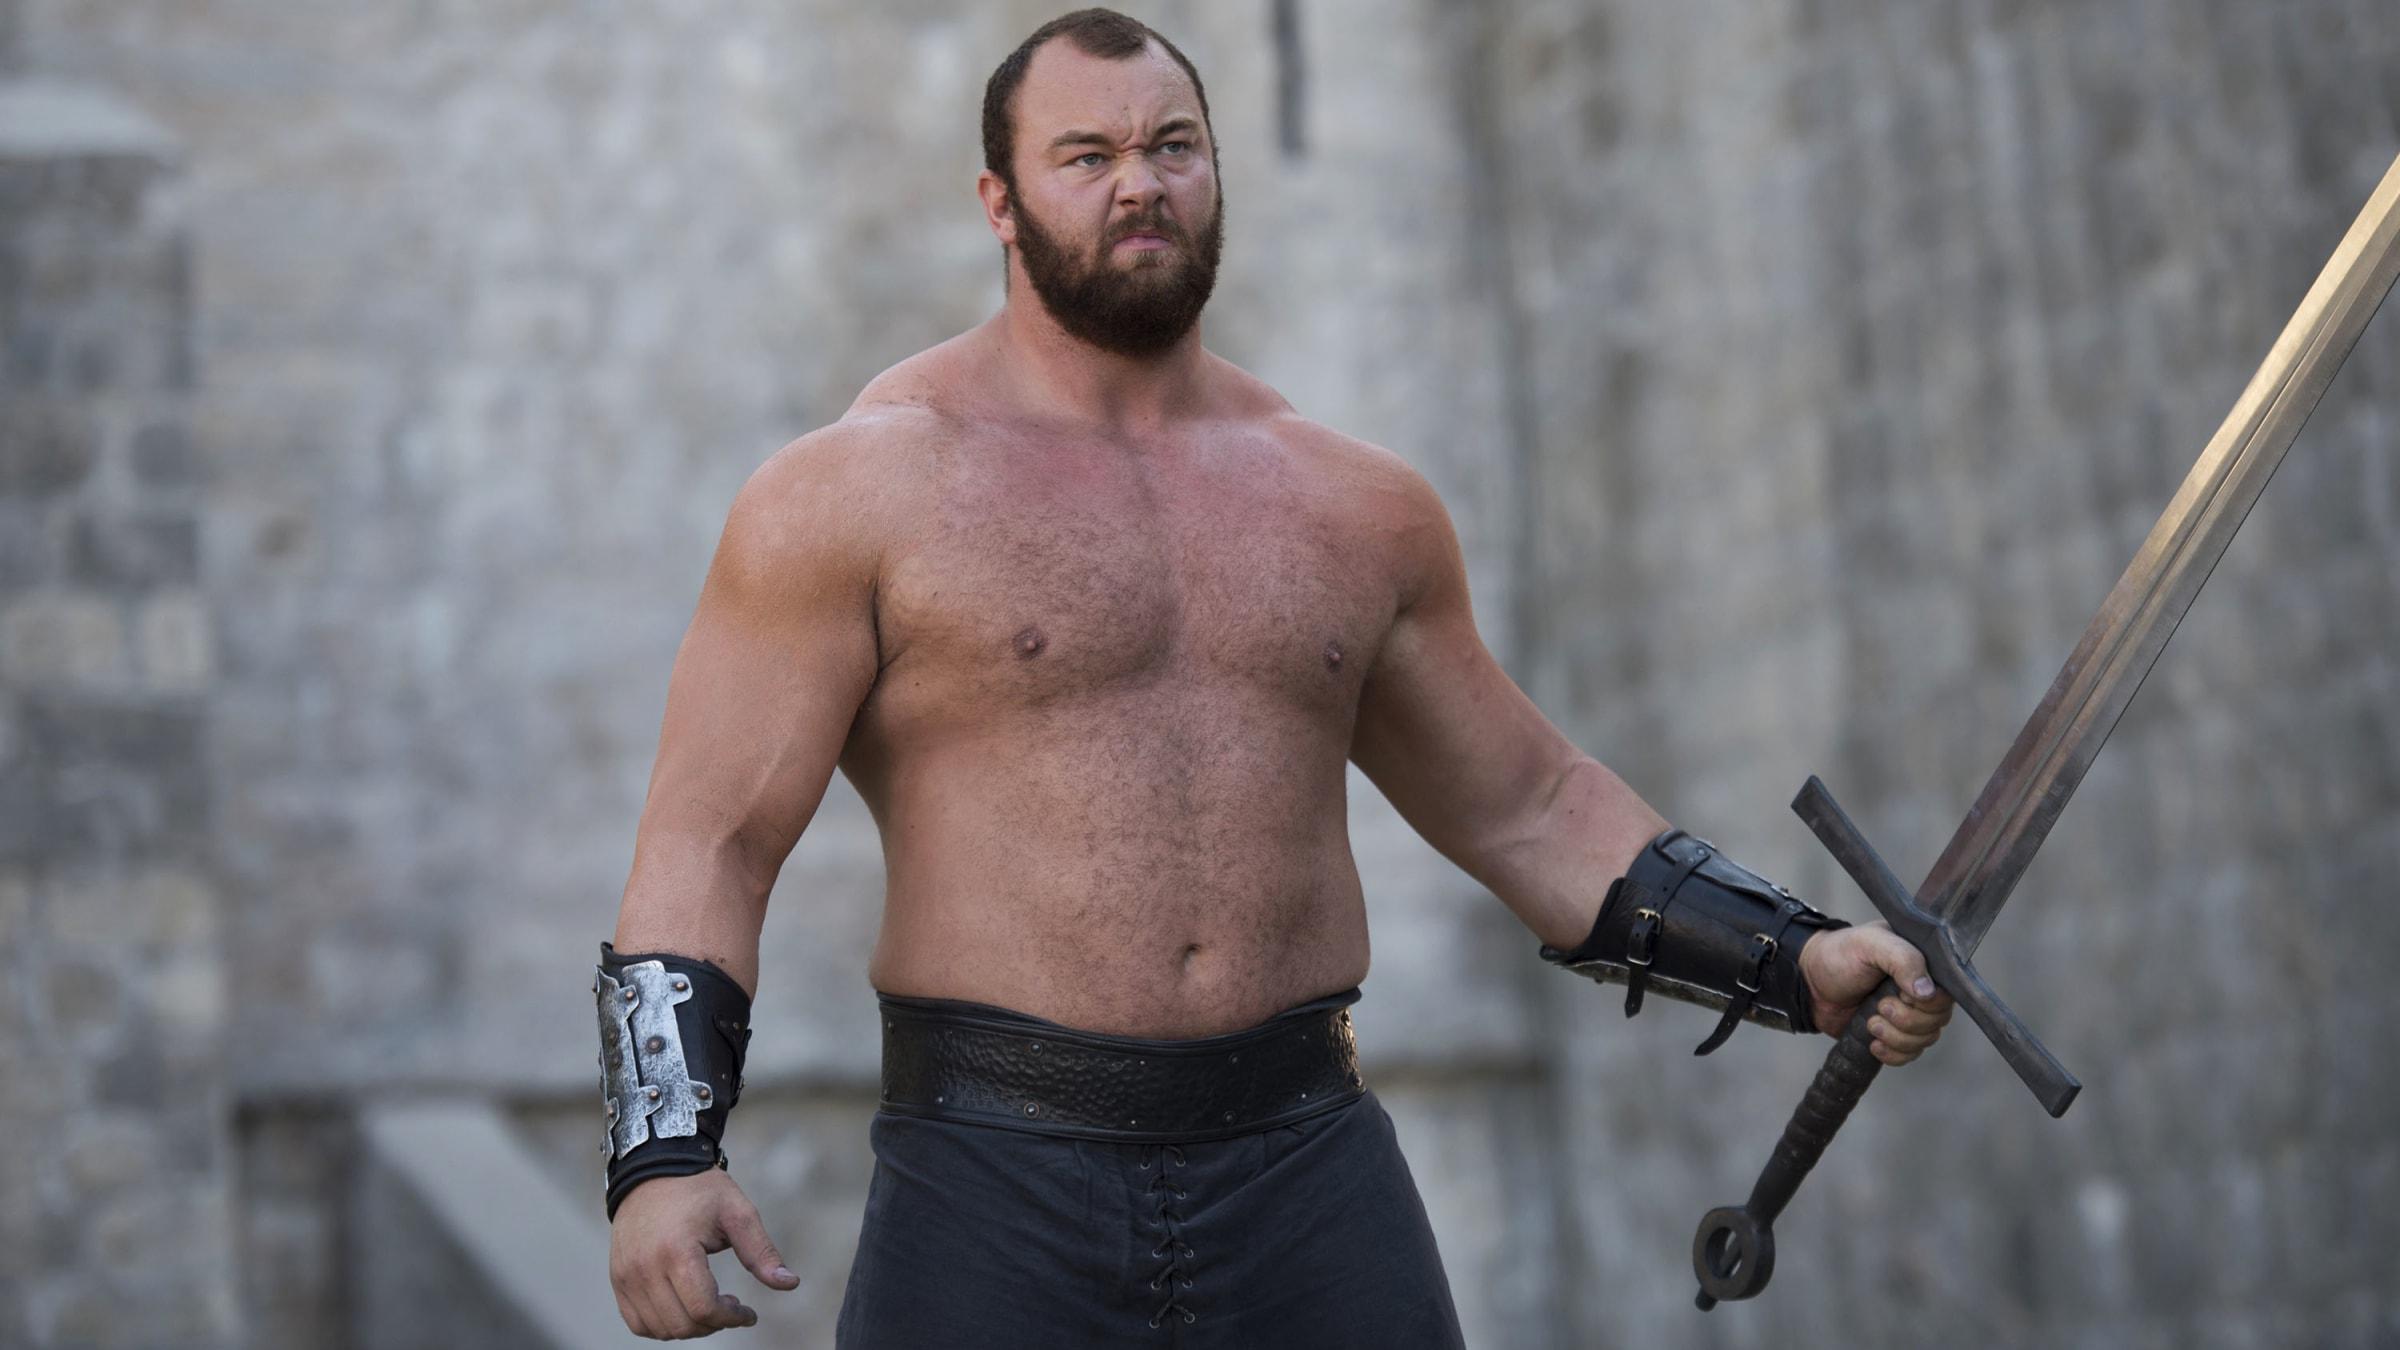 Hafpor Julius Bjornsson, Game of Thrones' Imposing Monster The